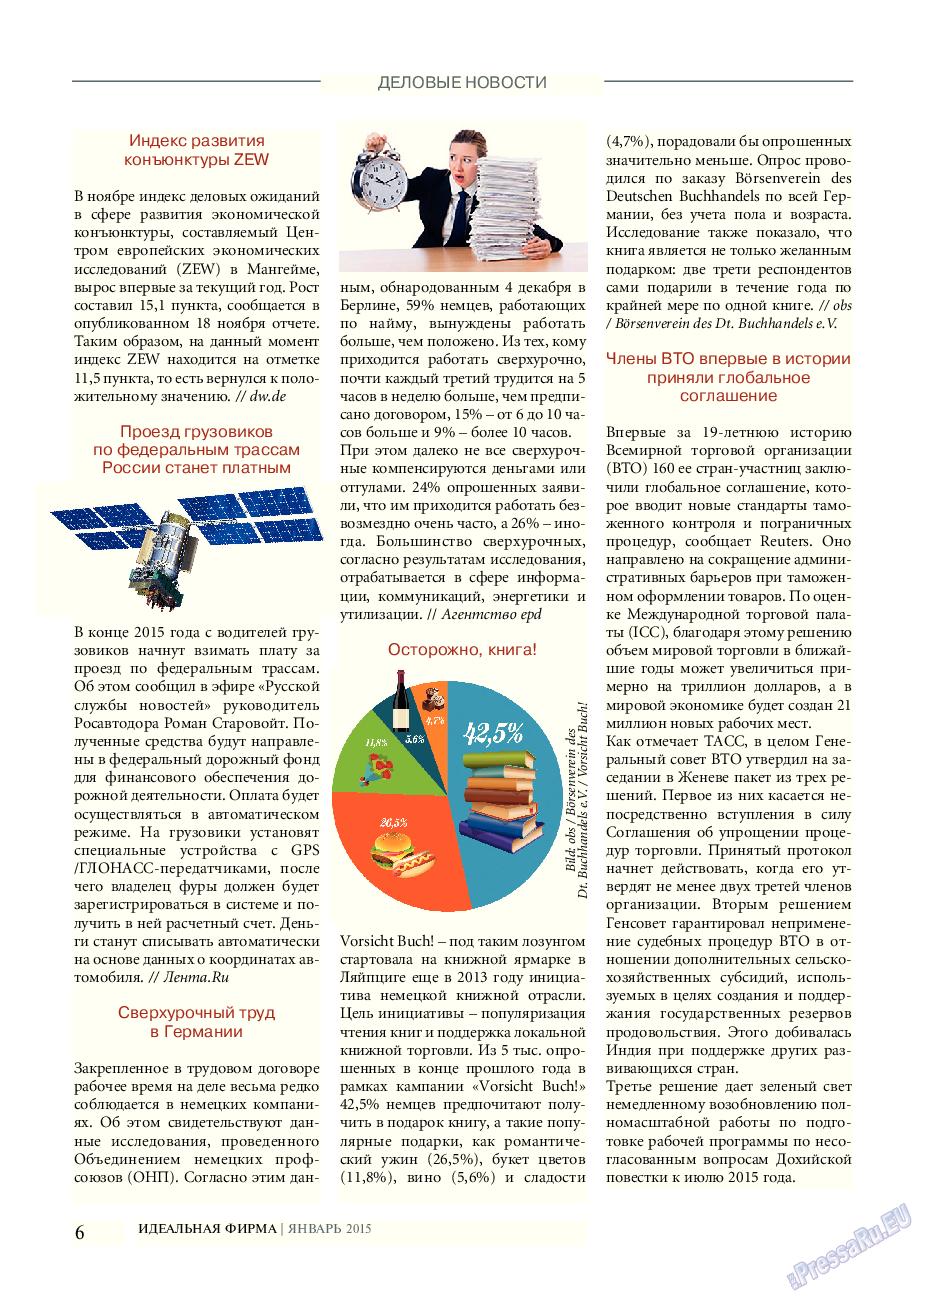 Идеальная фирма (журнал). 2015 год, номер 1, стр. 6